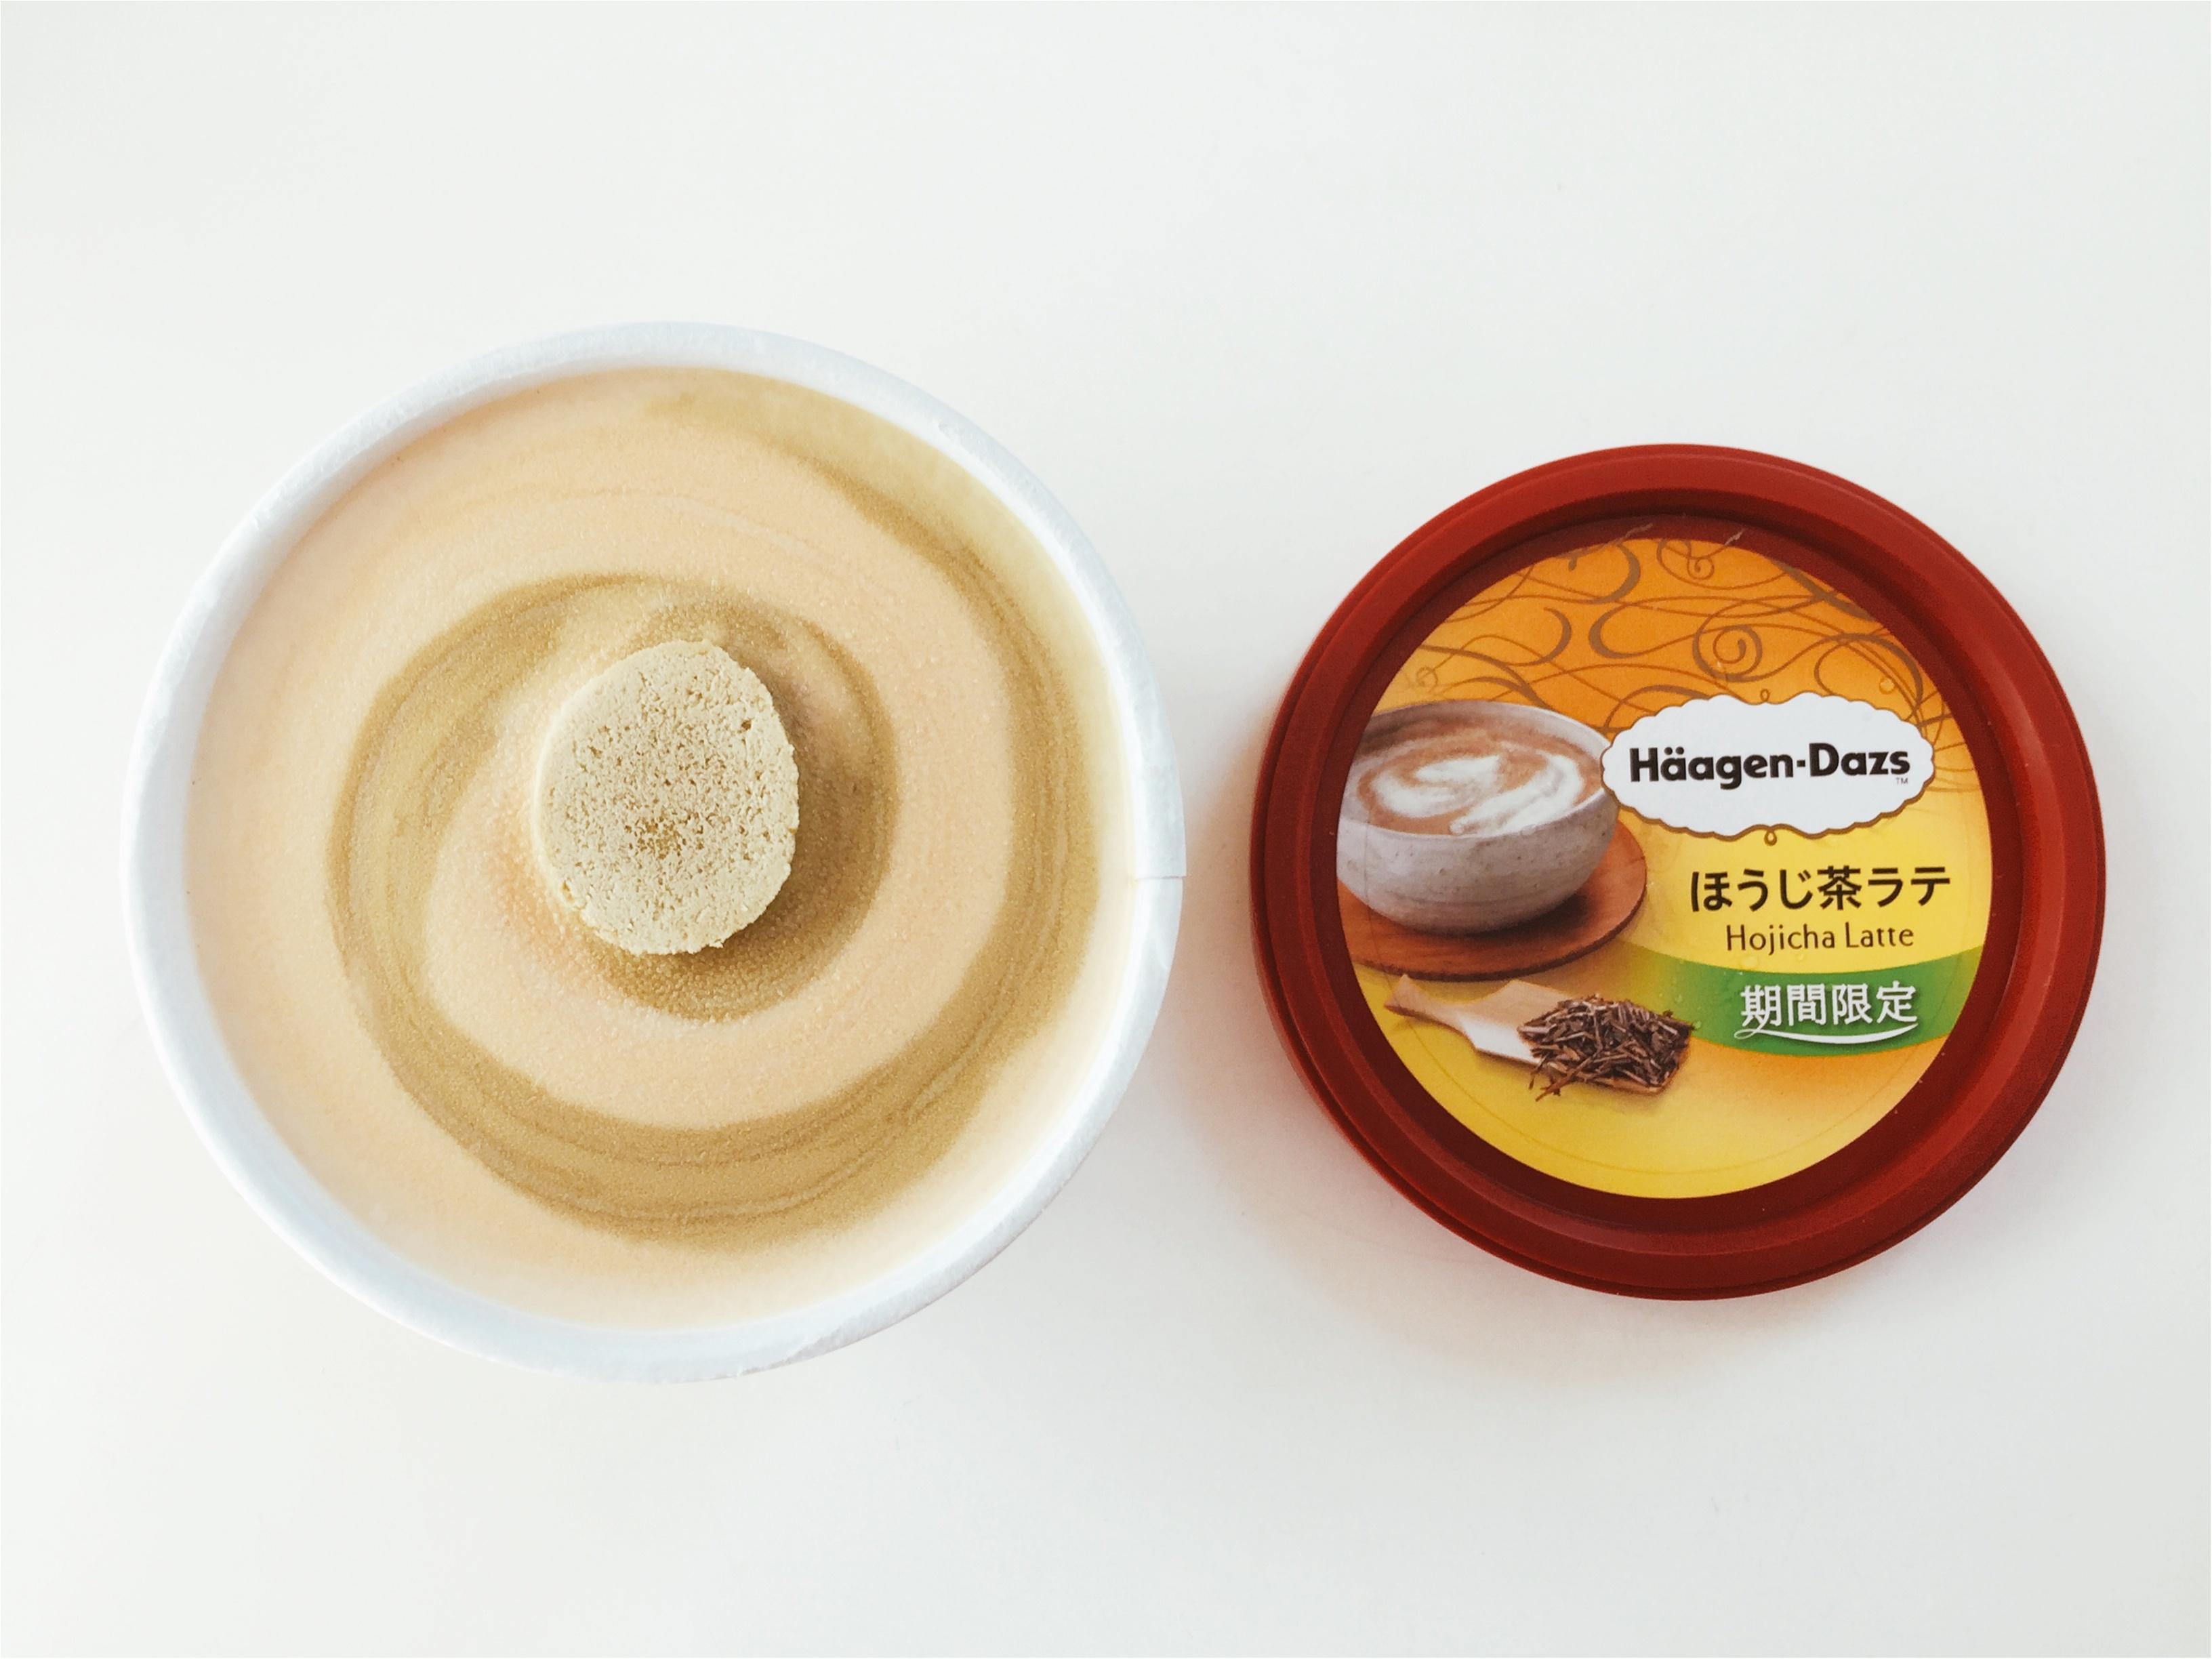 ハーゲンダッツの次なる新作は?4月25日発売の『ほうじ茶ラテ』は要チェック!!_3